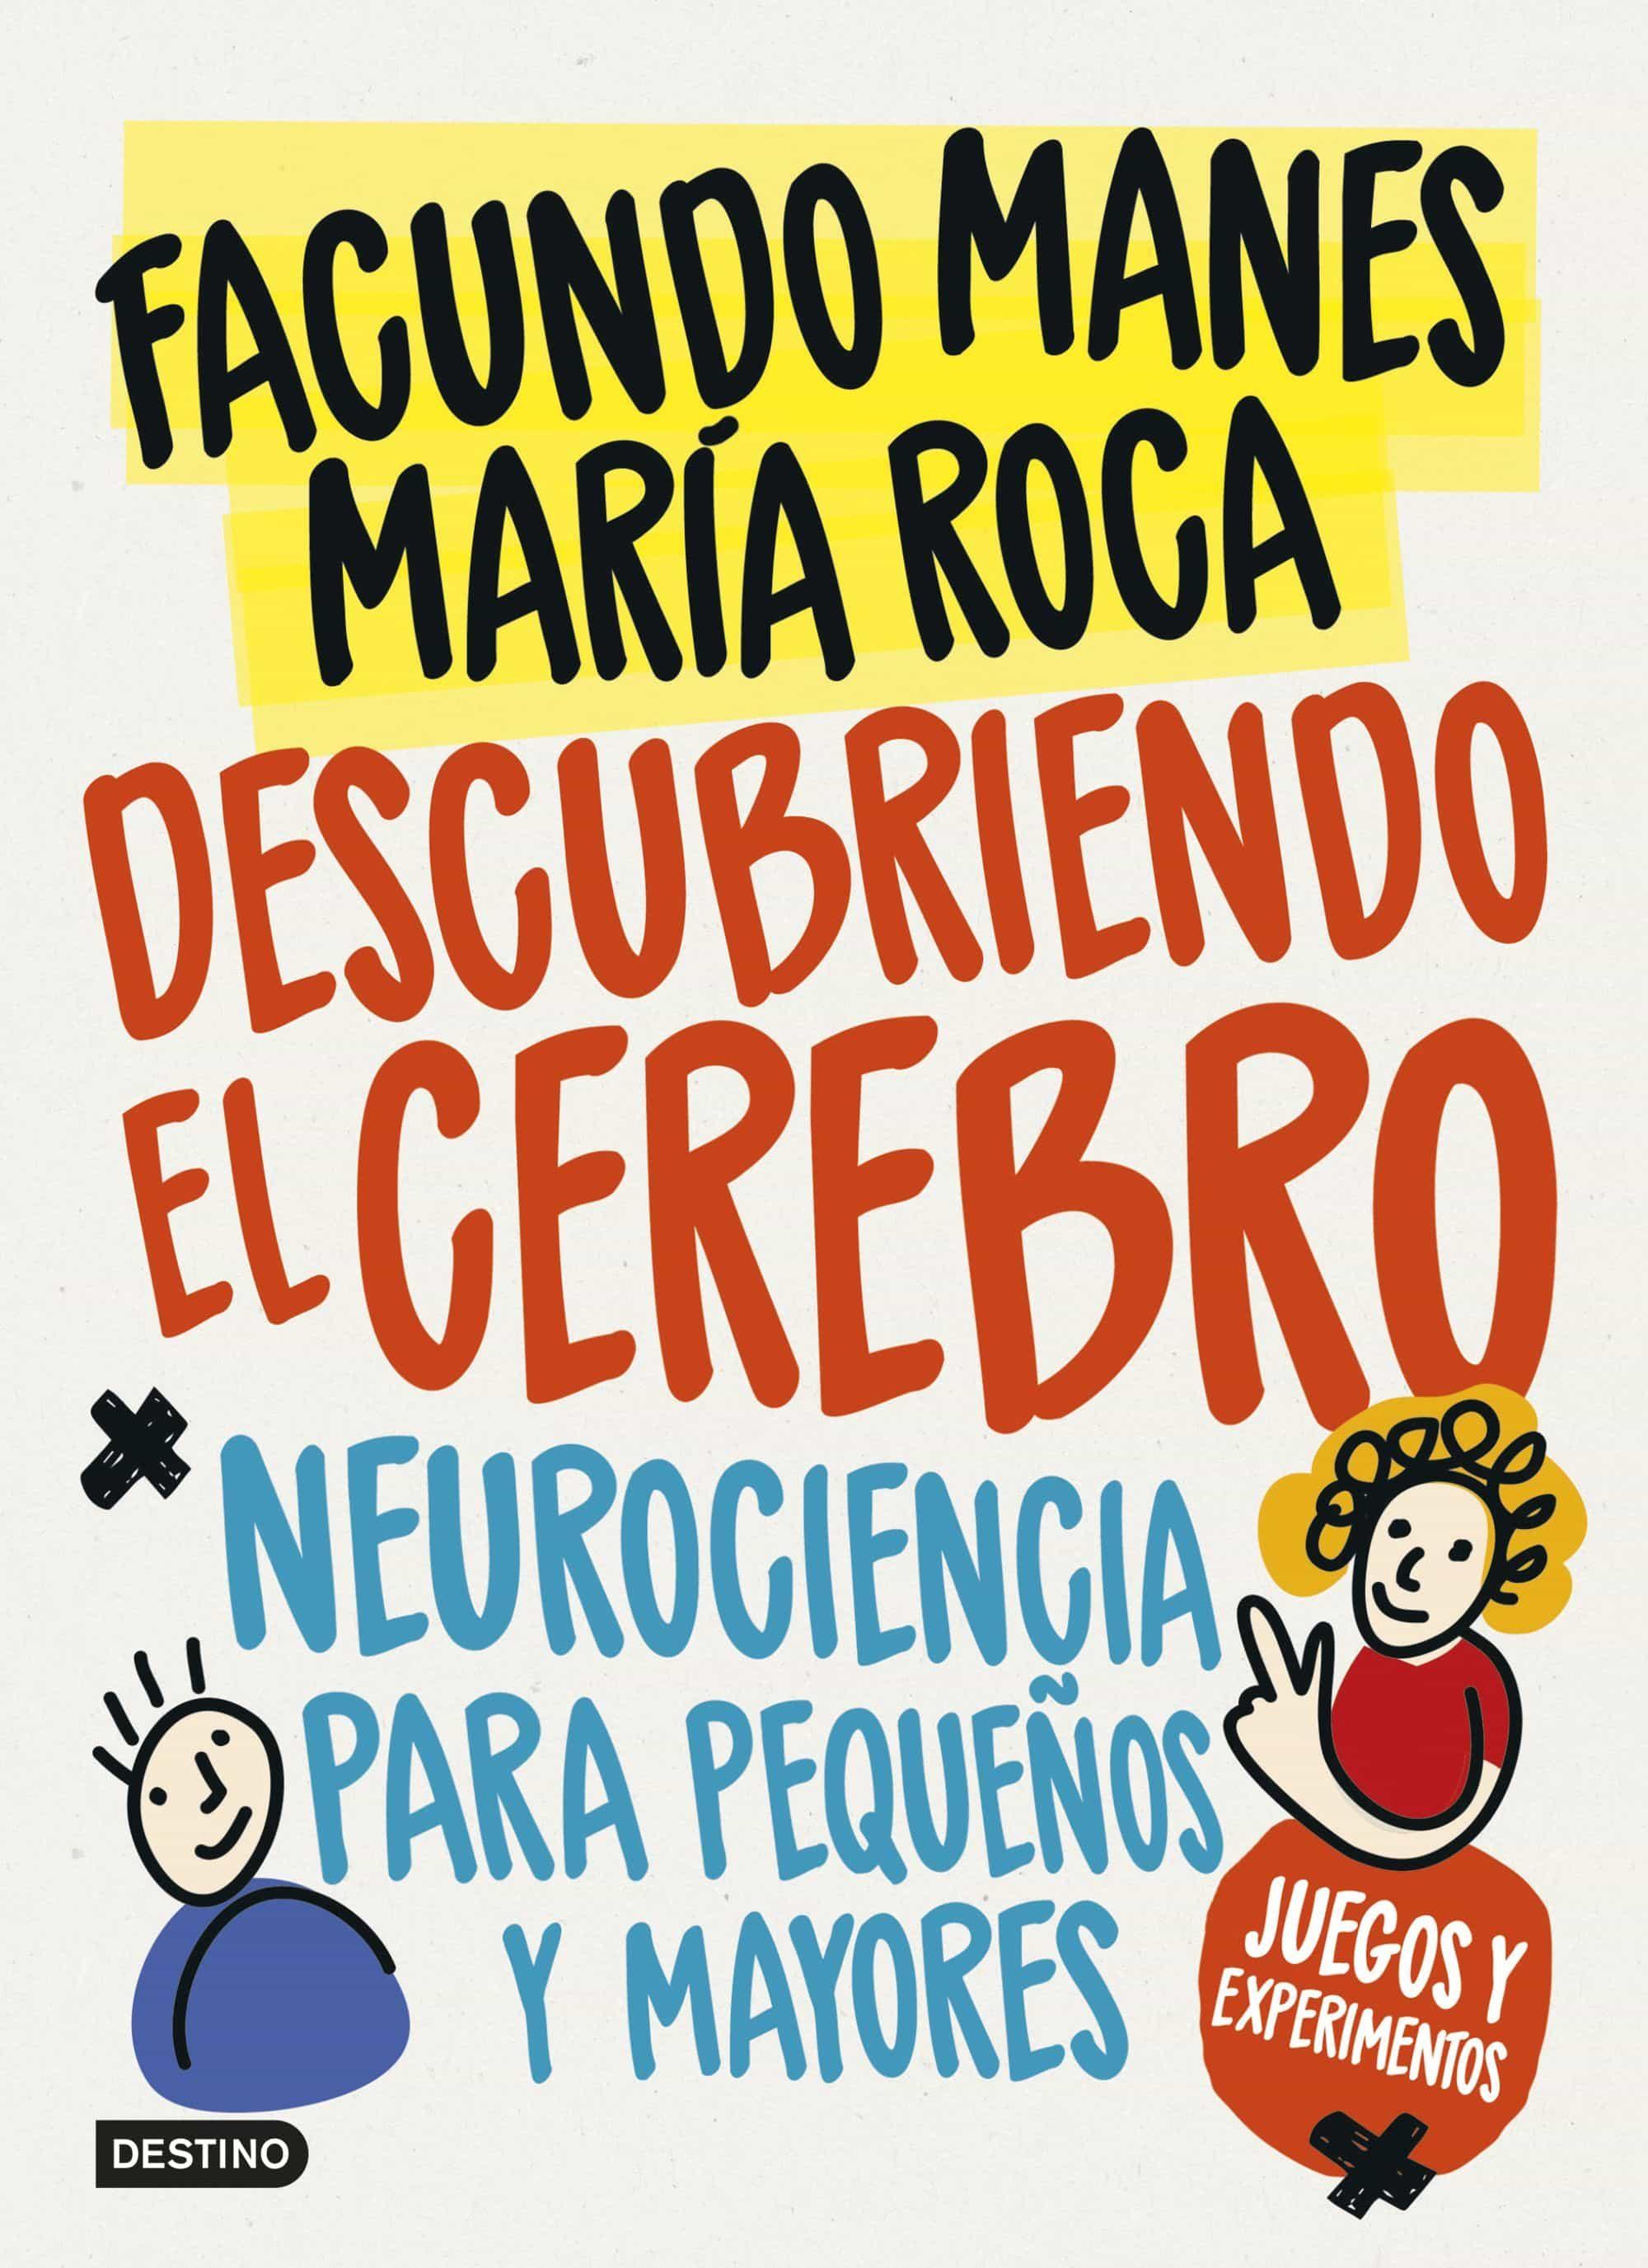 Descubriendo El Cerebro: Neurociencia Para Pequeñas Y Mayores por Facundo Manes